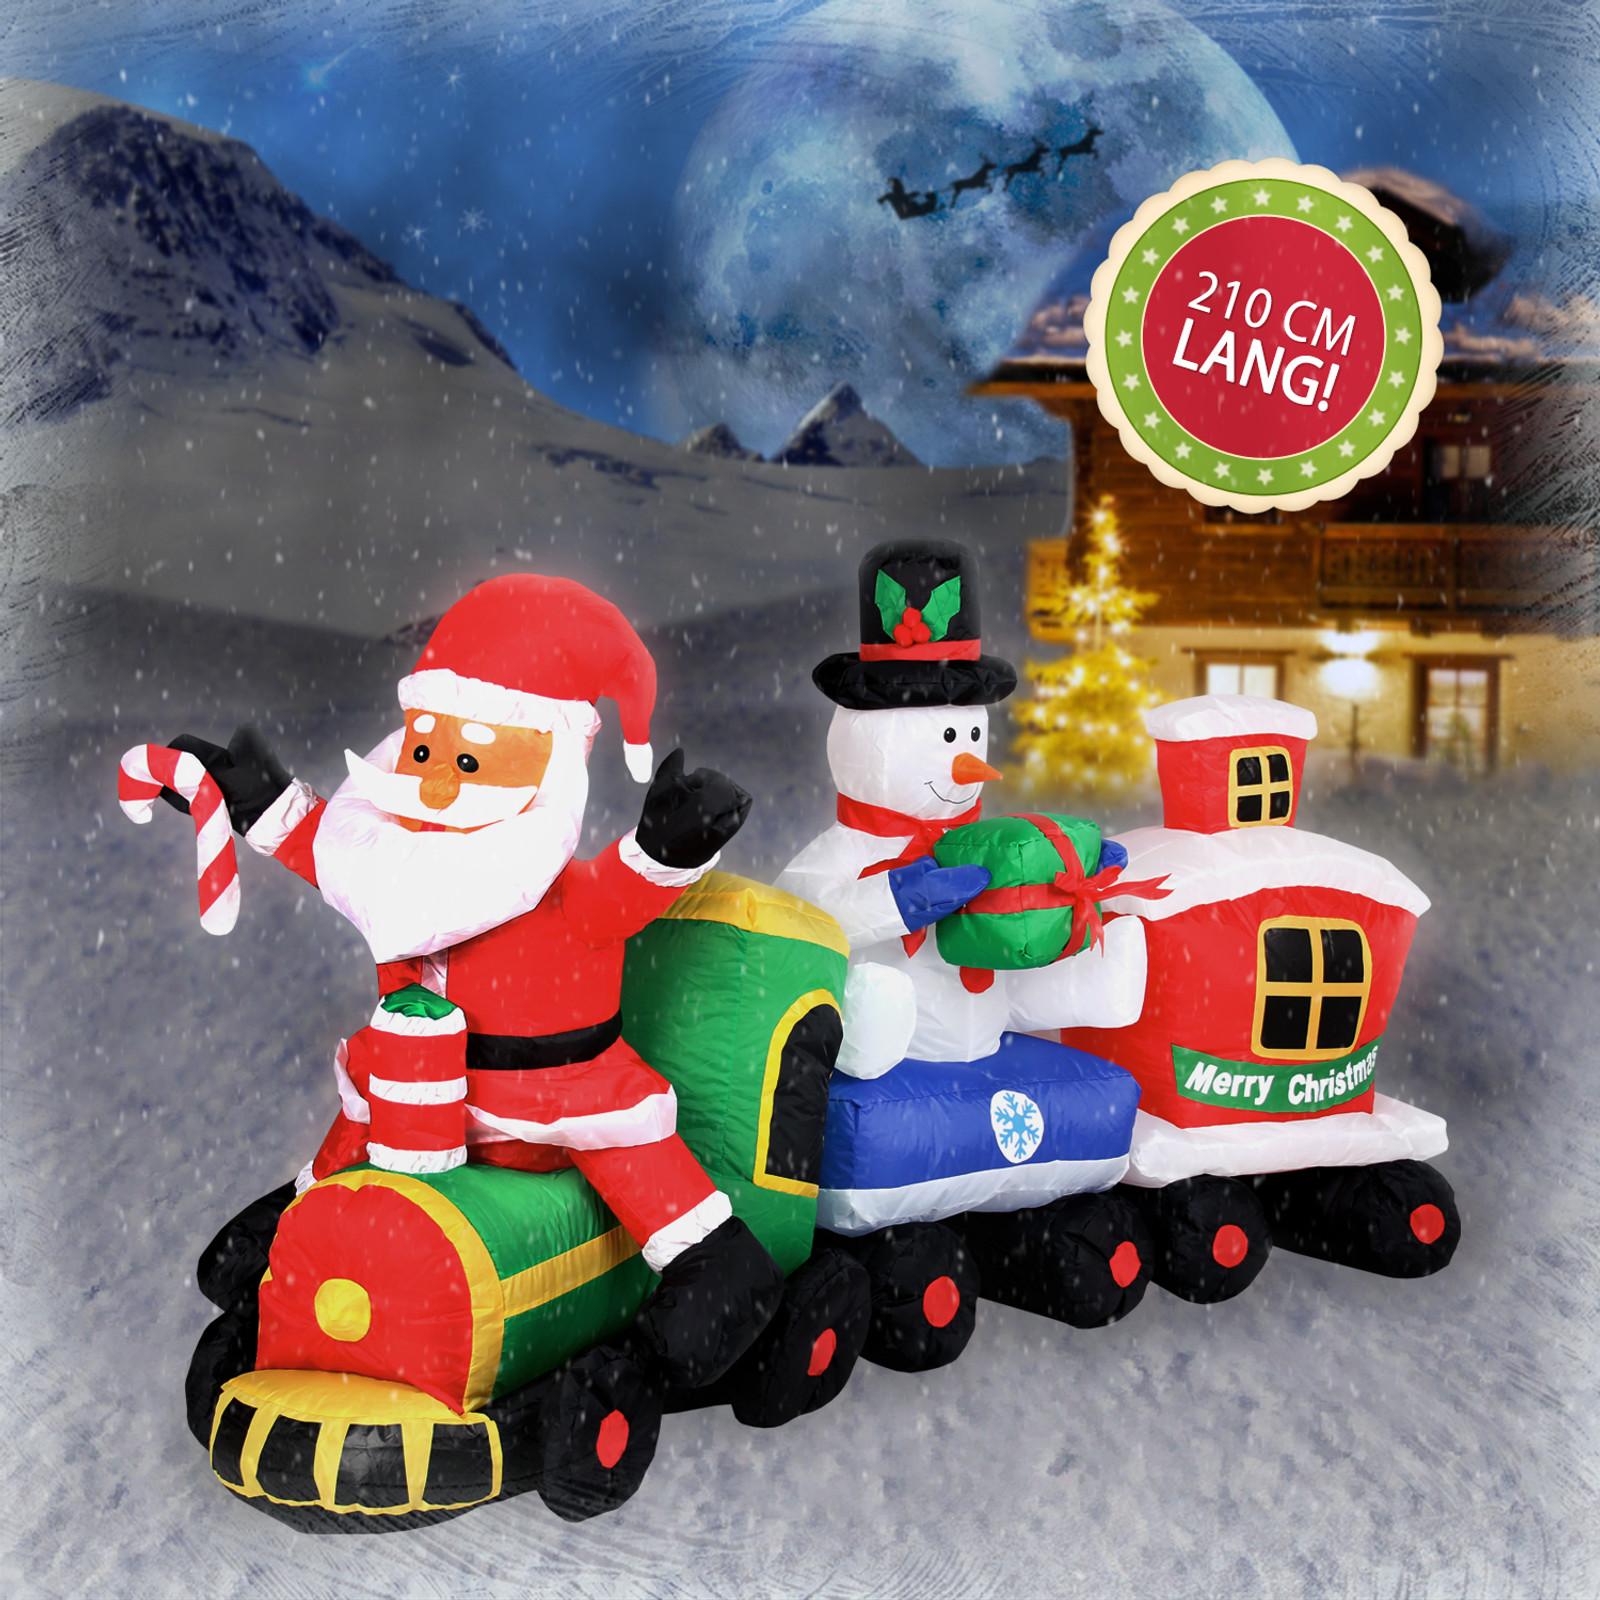 weihnachtszug mit weihnachtsmann und schneemann 210 cm inflatable dekoration. Black Bedroom Furniture Sets. Home Design Ideas